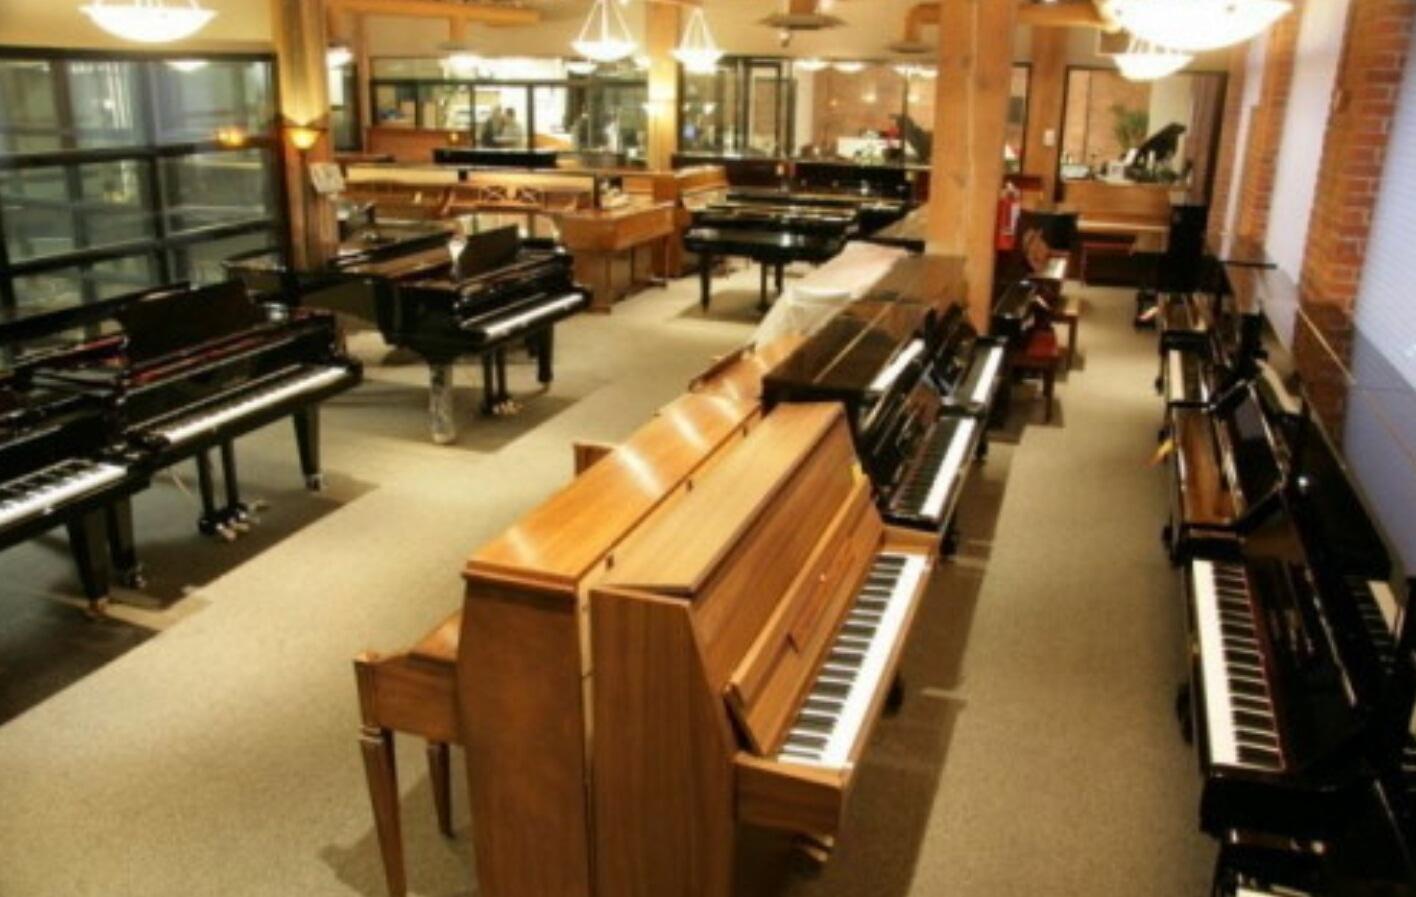 영창피아노 삼익중고피아노 최고가로 삽니다